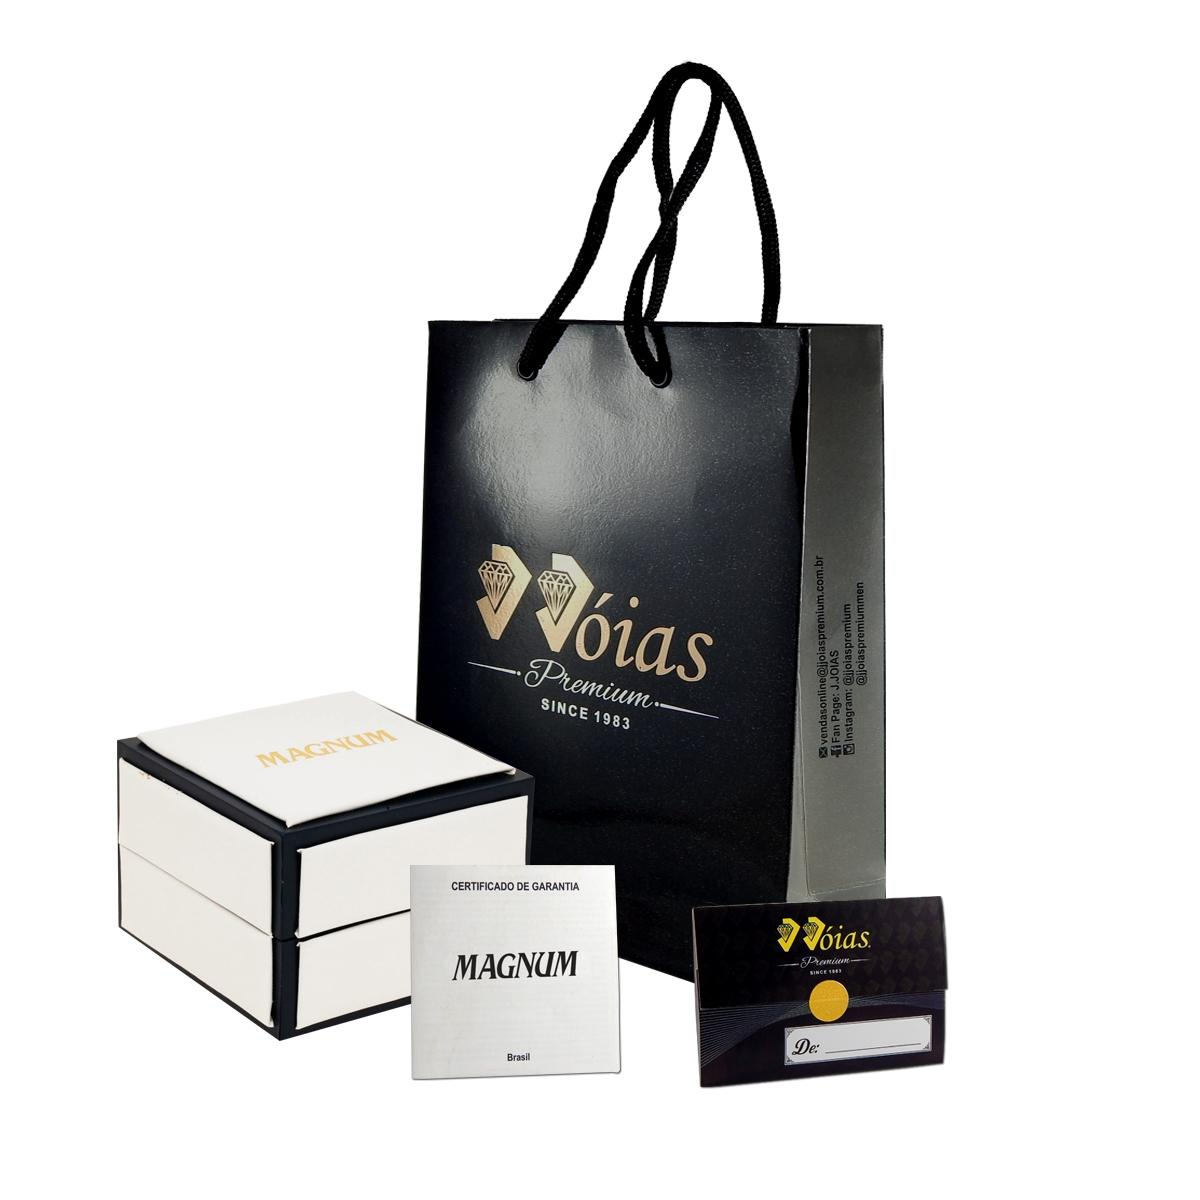 43609f2dd7 Relogio masculino magnum kit com pulseira couro marrom ma30801c R  815